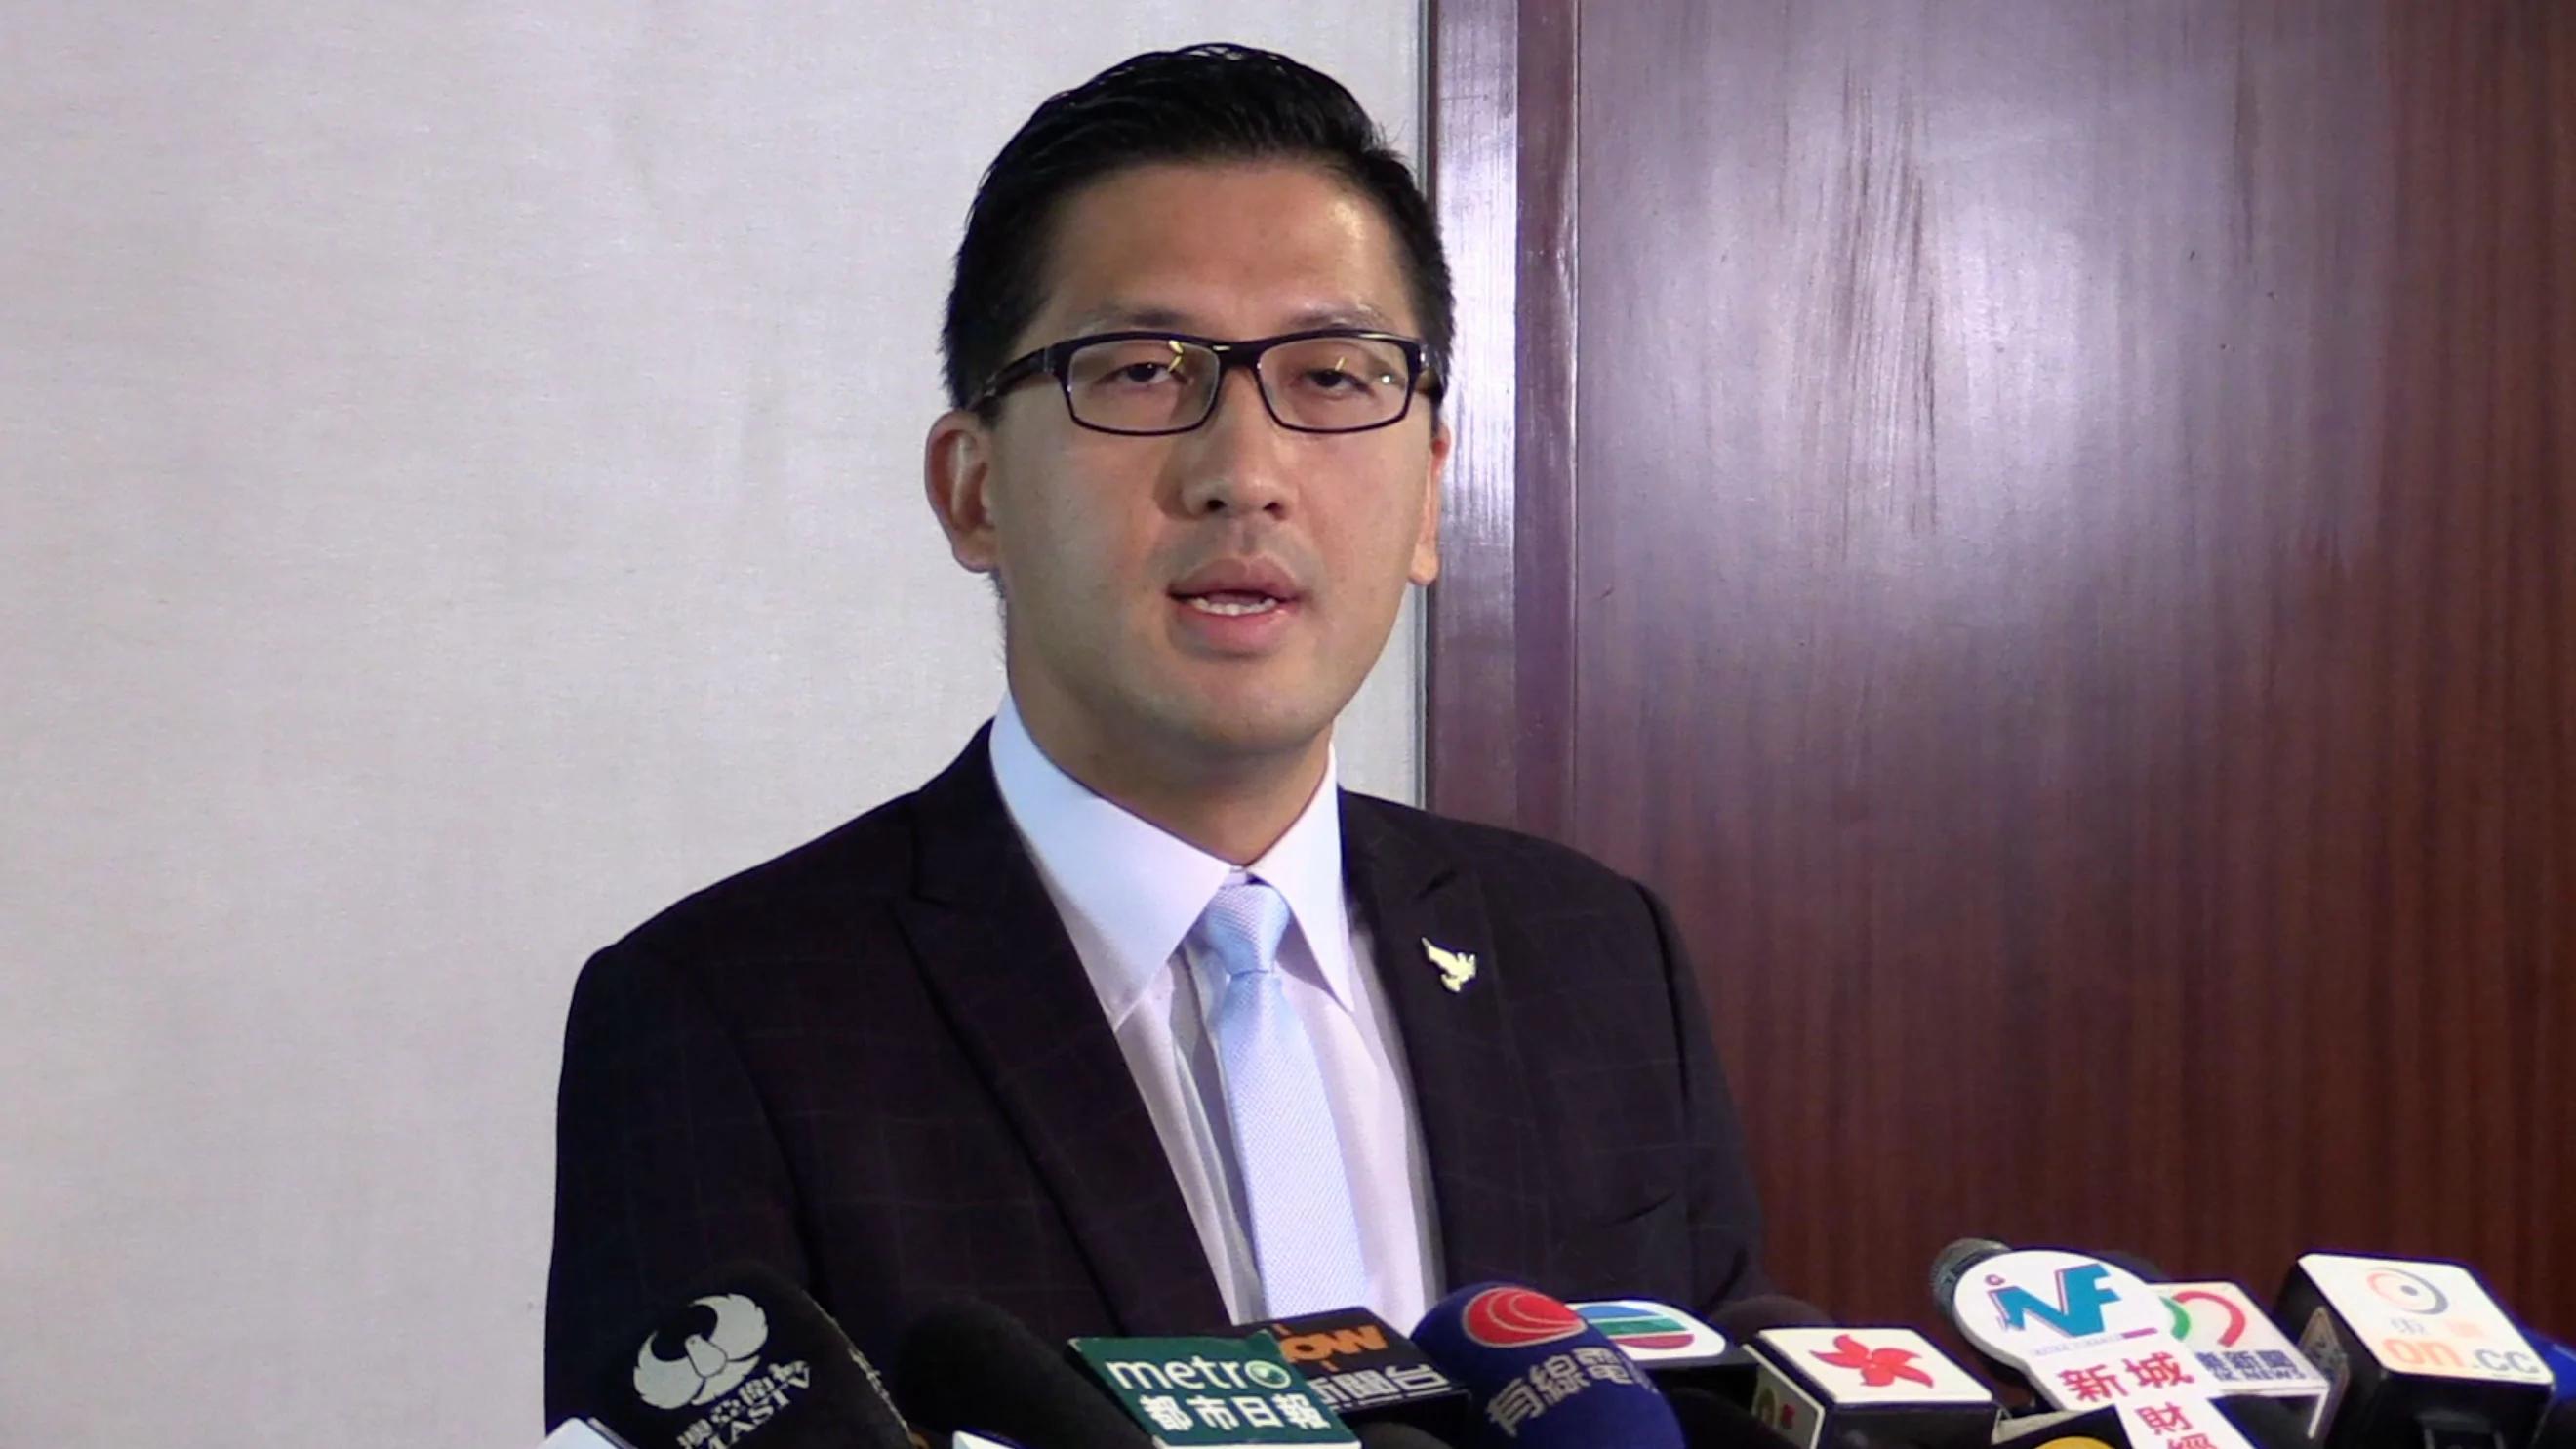 梁振英出任一帶一路公司董事 嚴重利益衝突遭質疑